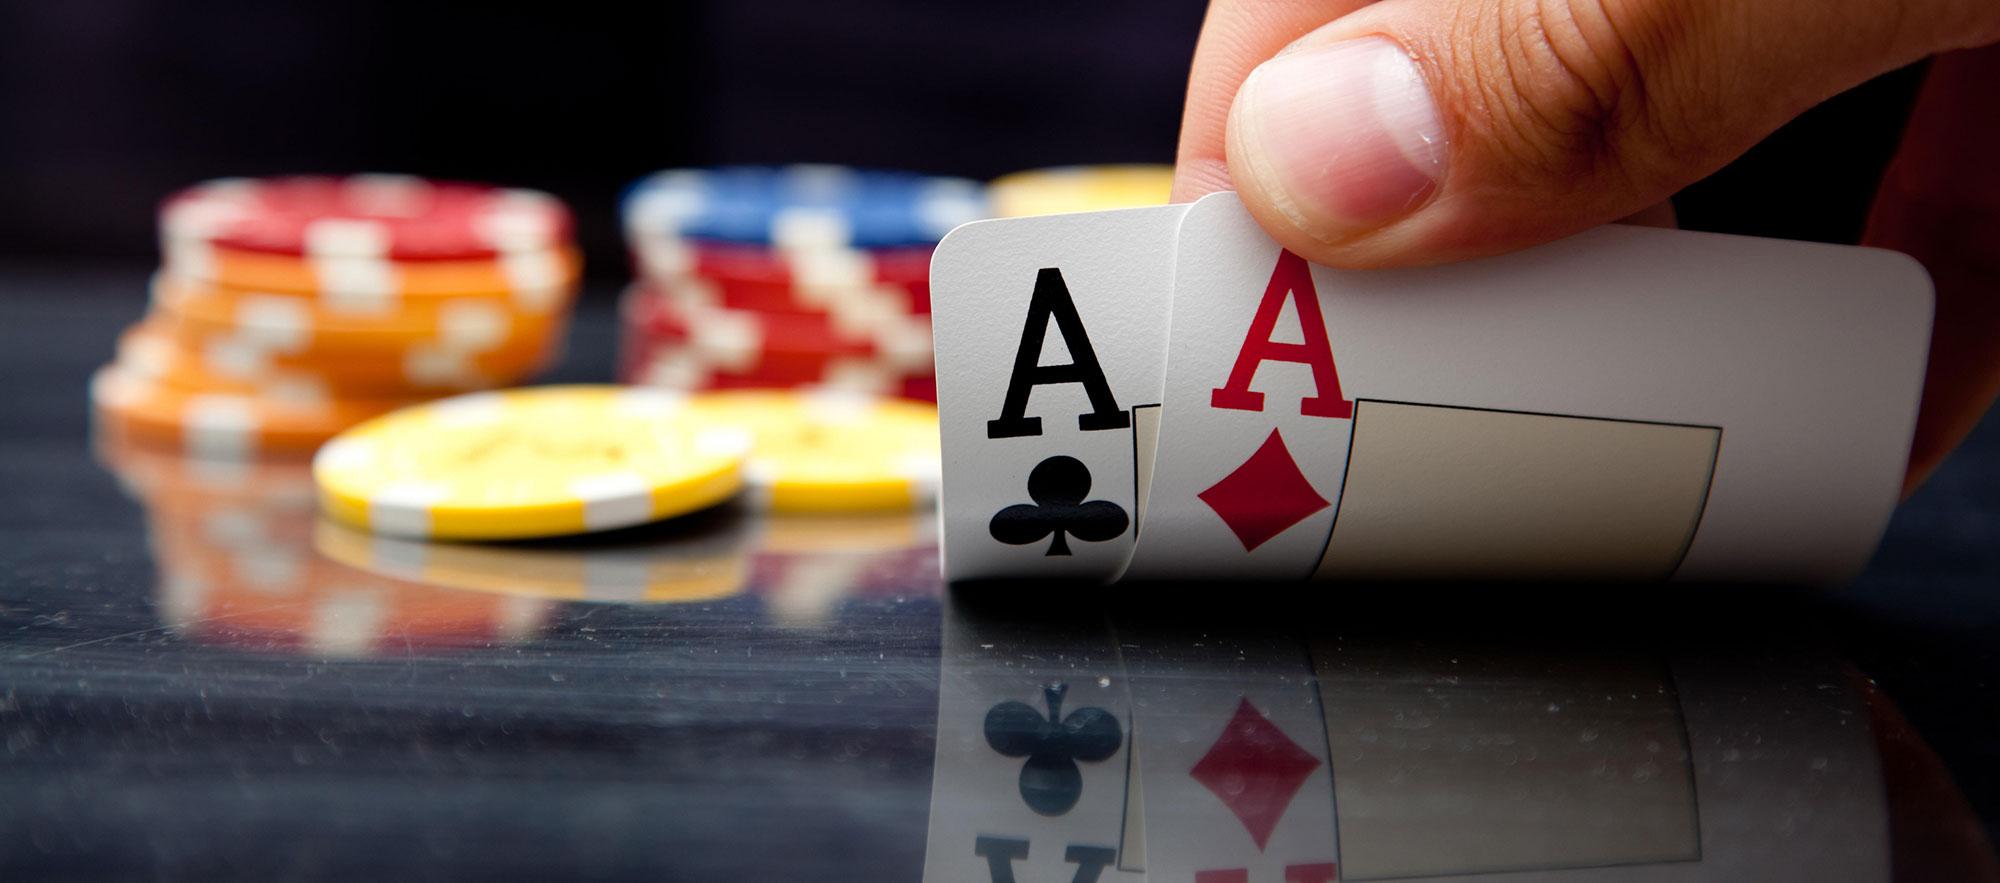 Jouer au poker sans argent reel razer products are crap